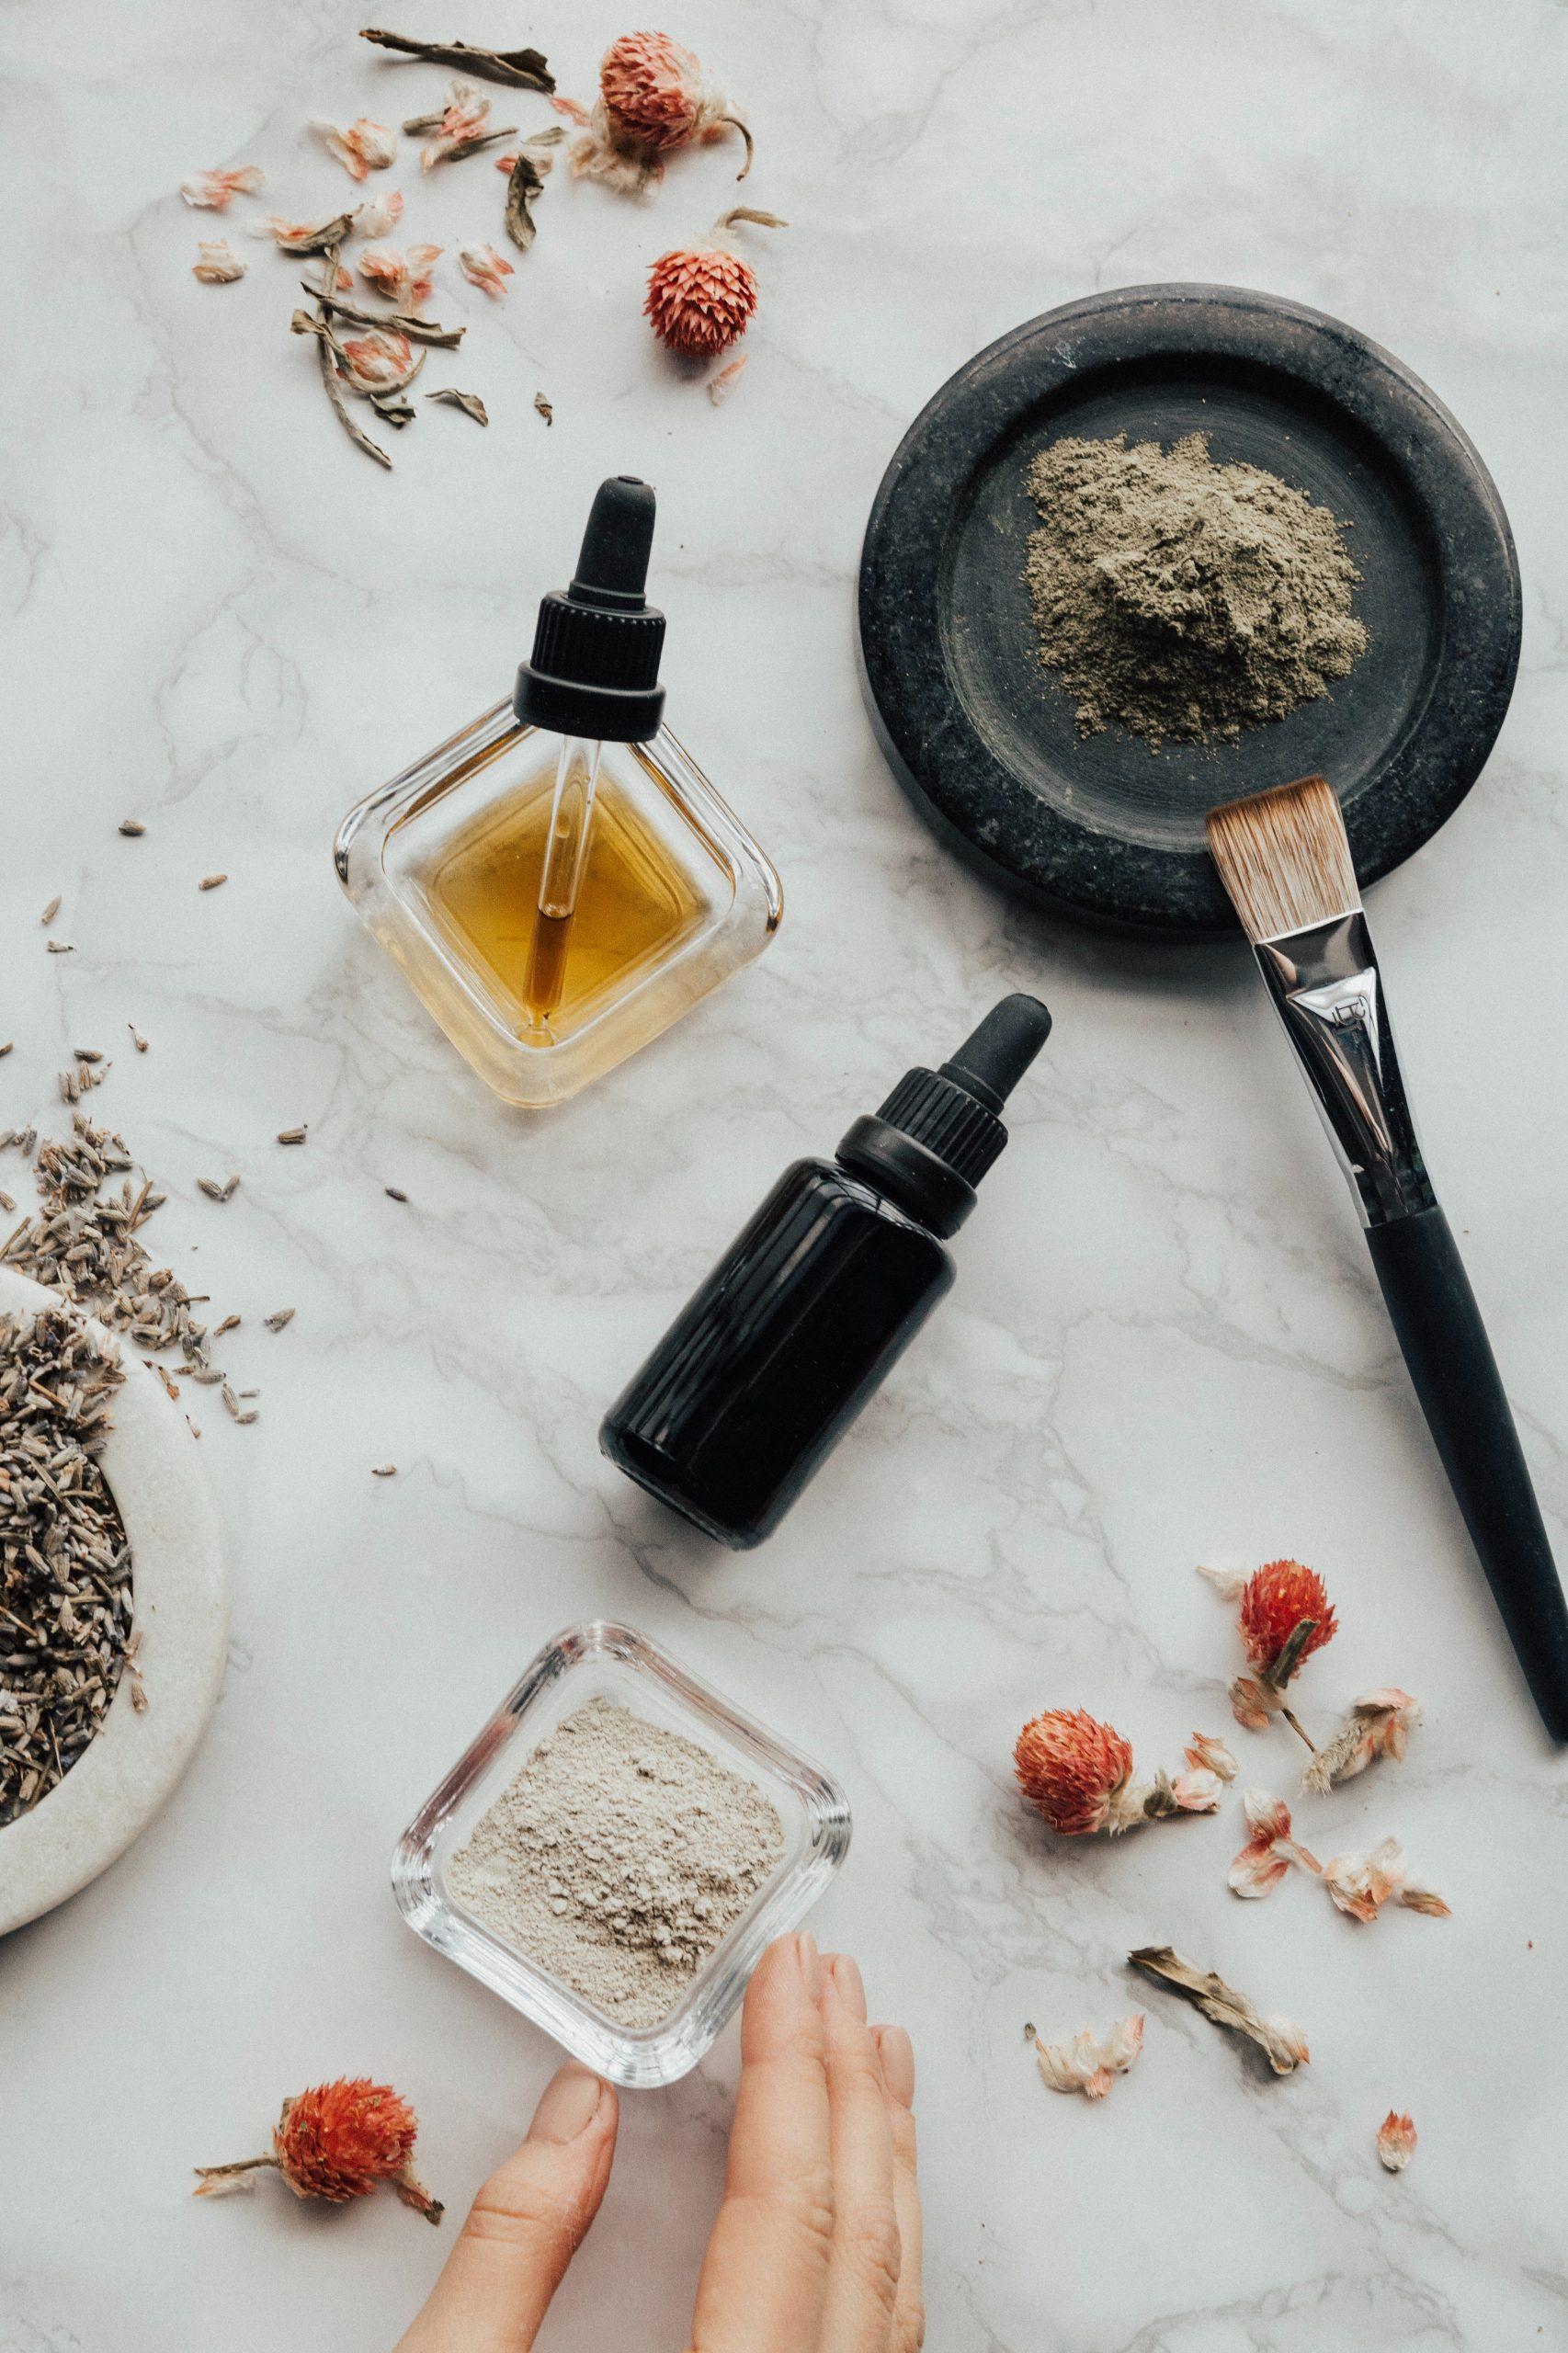 Nous vous dévoilons tous les petits secrets et recettes maison grâce au miel. Le miel comme éclaircissement des cheveux, en soin, et contre les désagréments des saisons, pour le bien de votre peau…